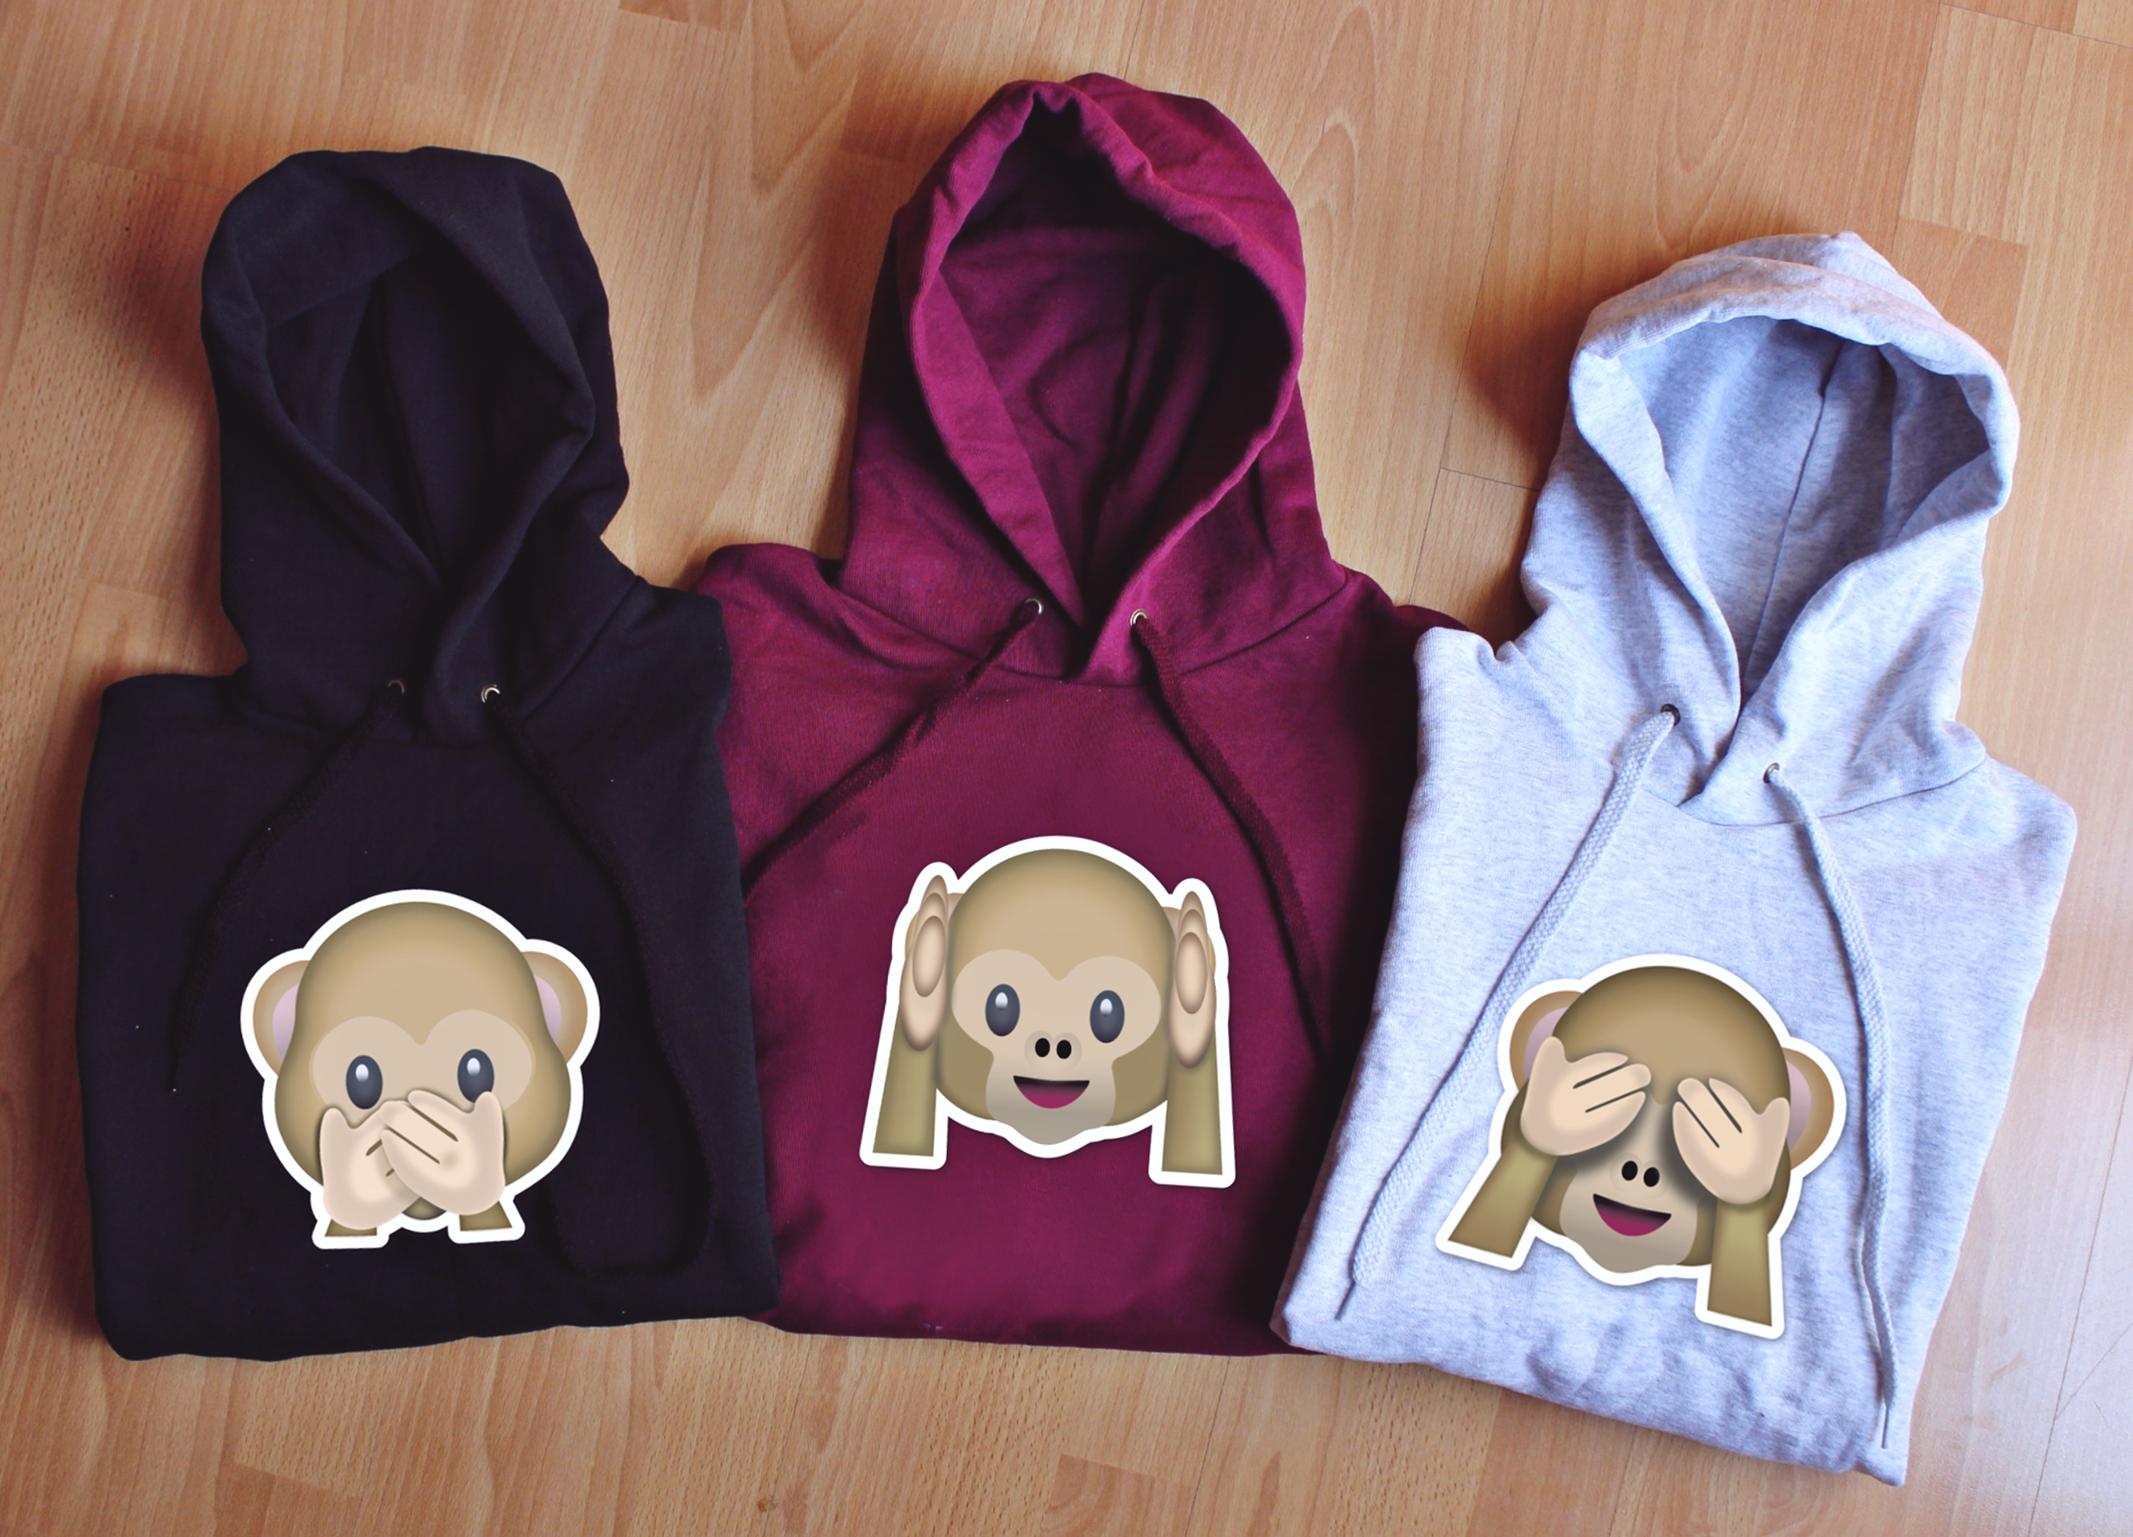 Bluza Z Kapturem Damska Best Friends Forever Monkey Dla Przyjaciolek Prezent Hoodies Sweaters Fashion